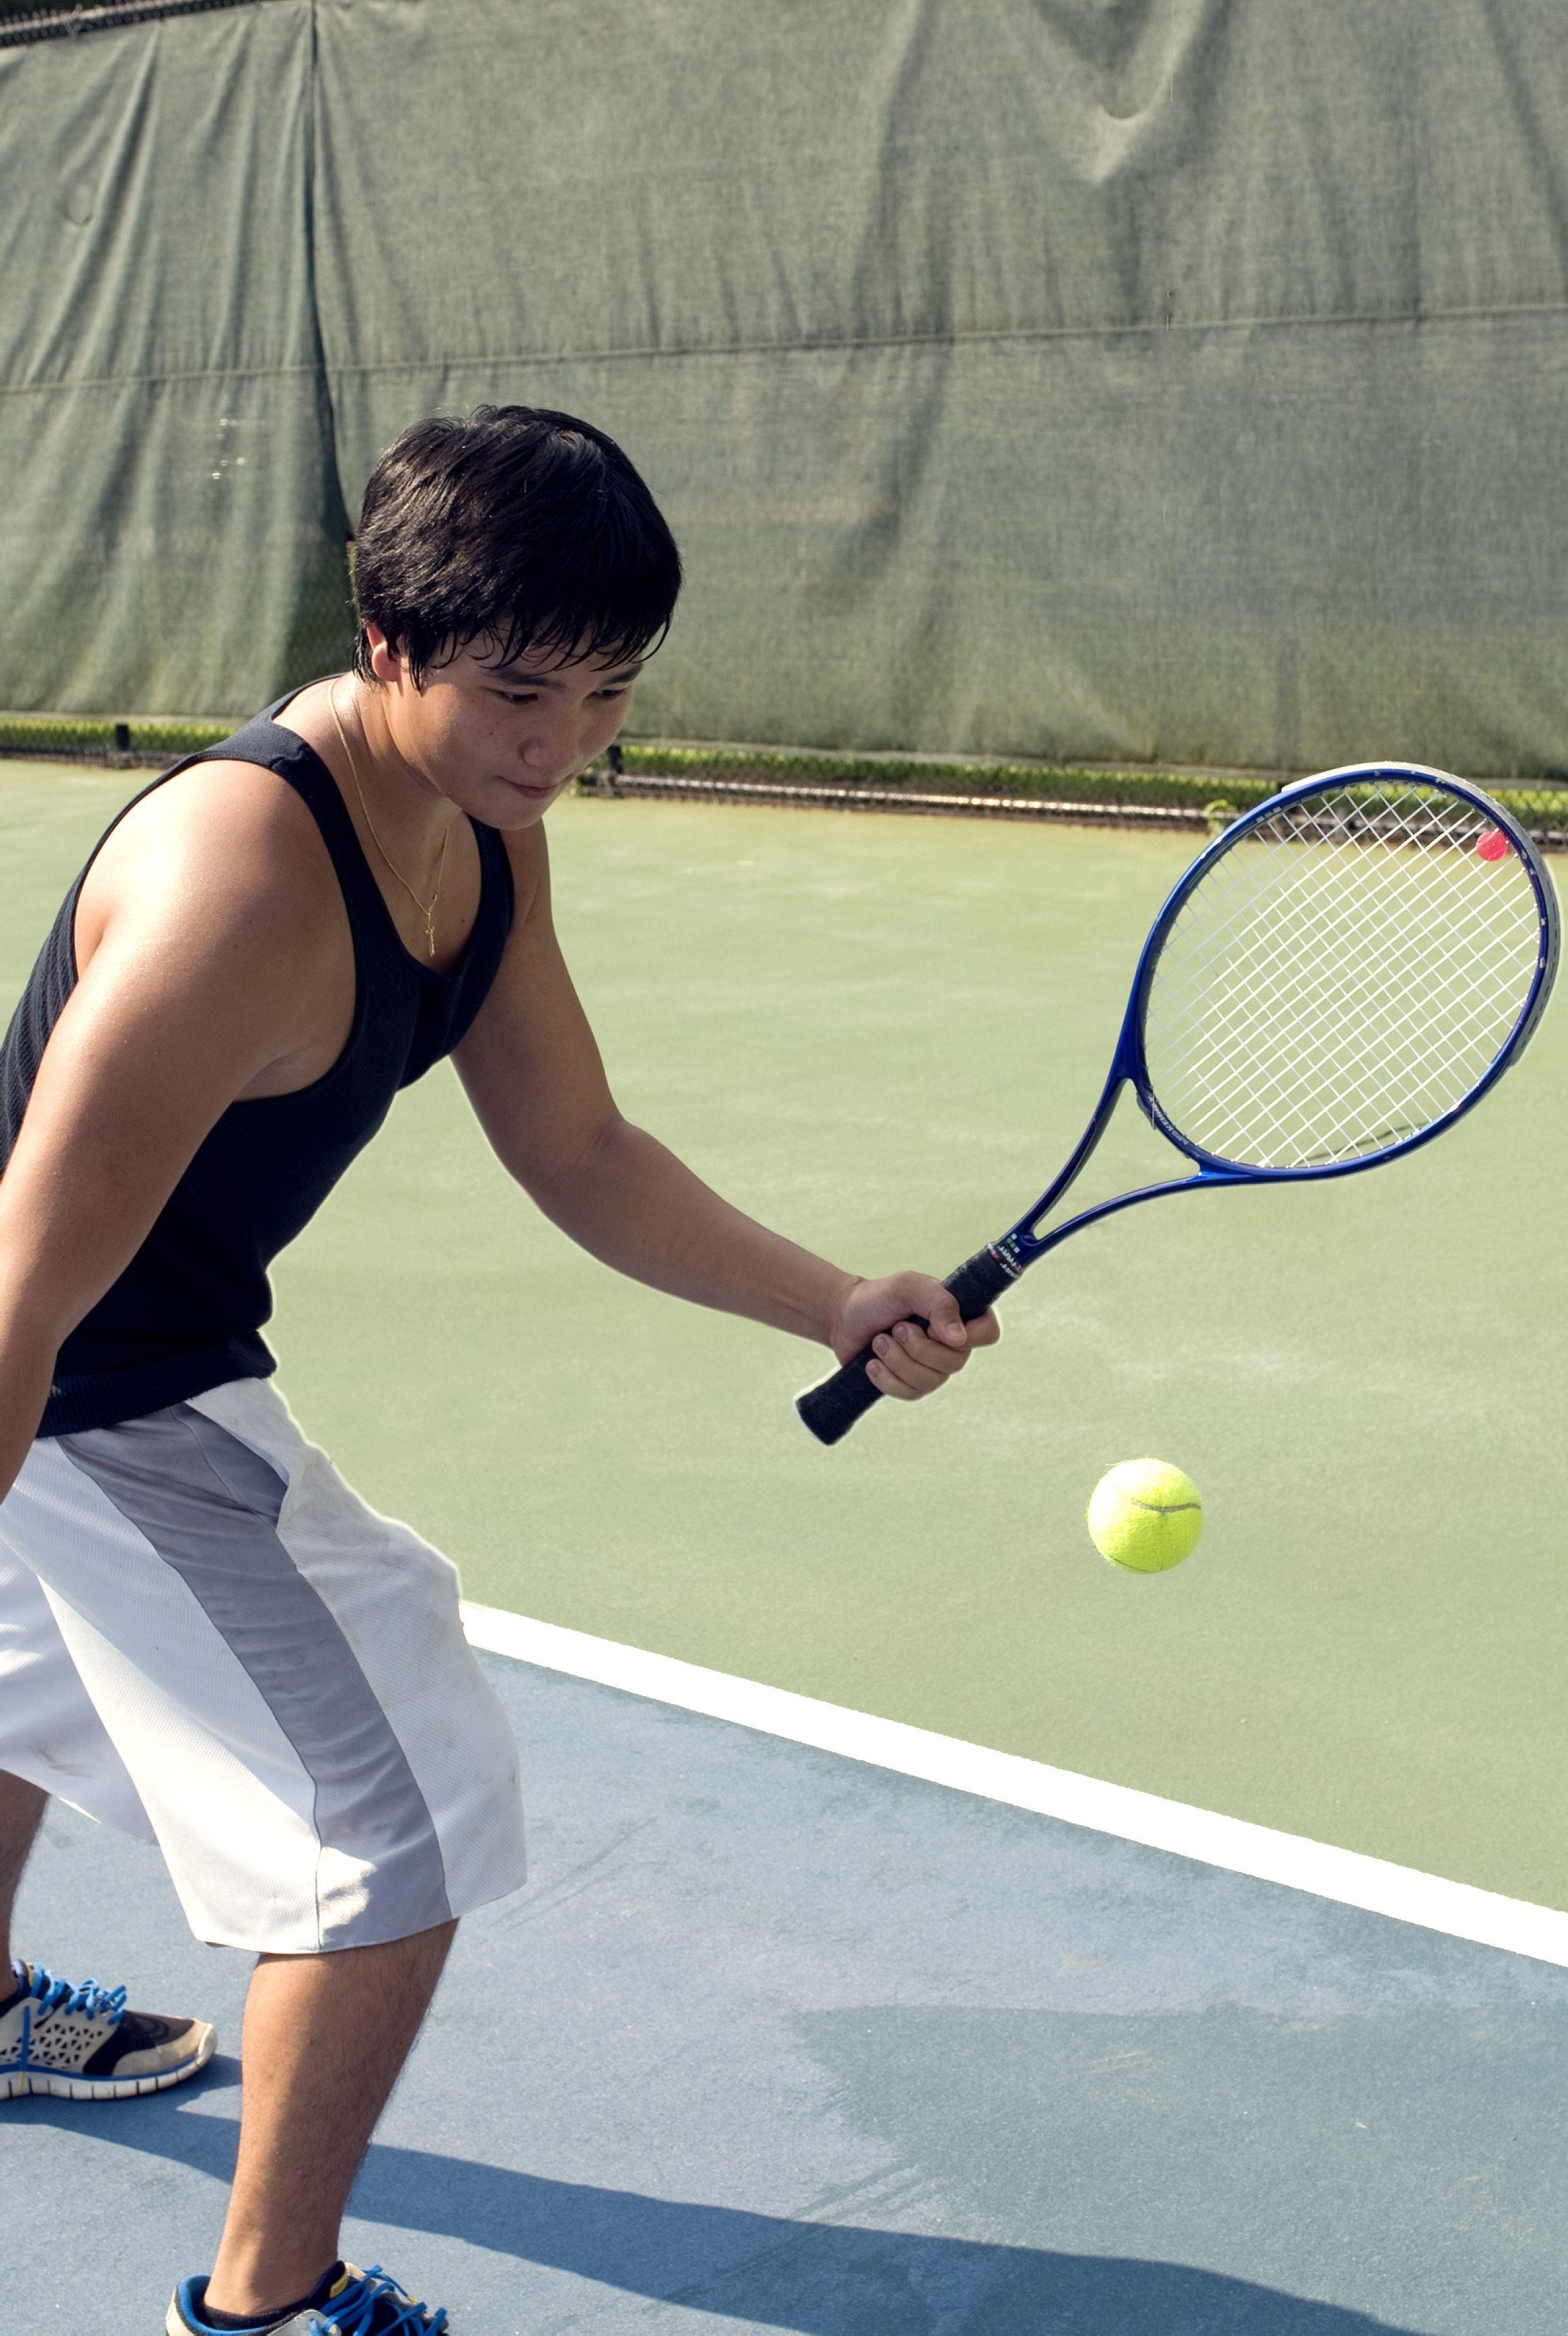 менее, техника игры большого тенниса в картинках позже мальчик увлекся